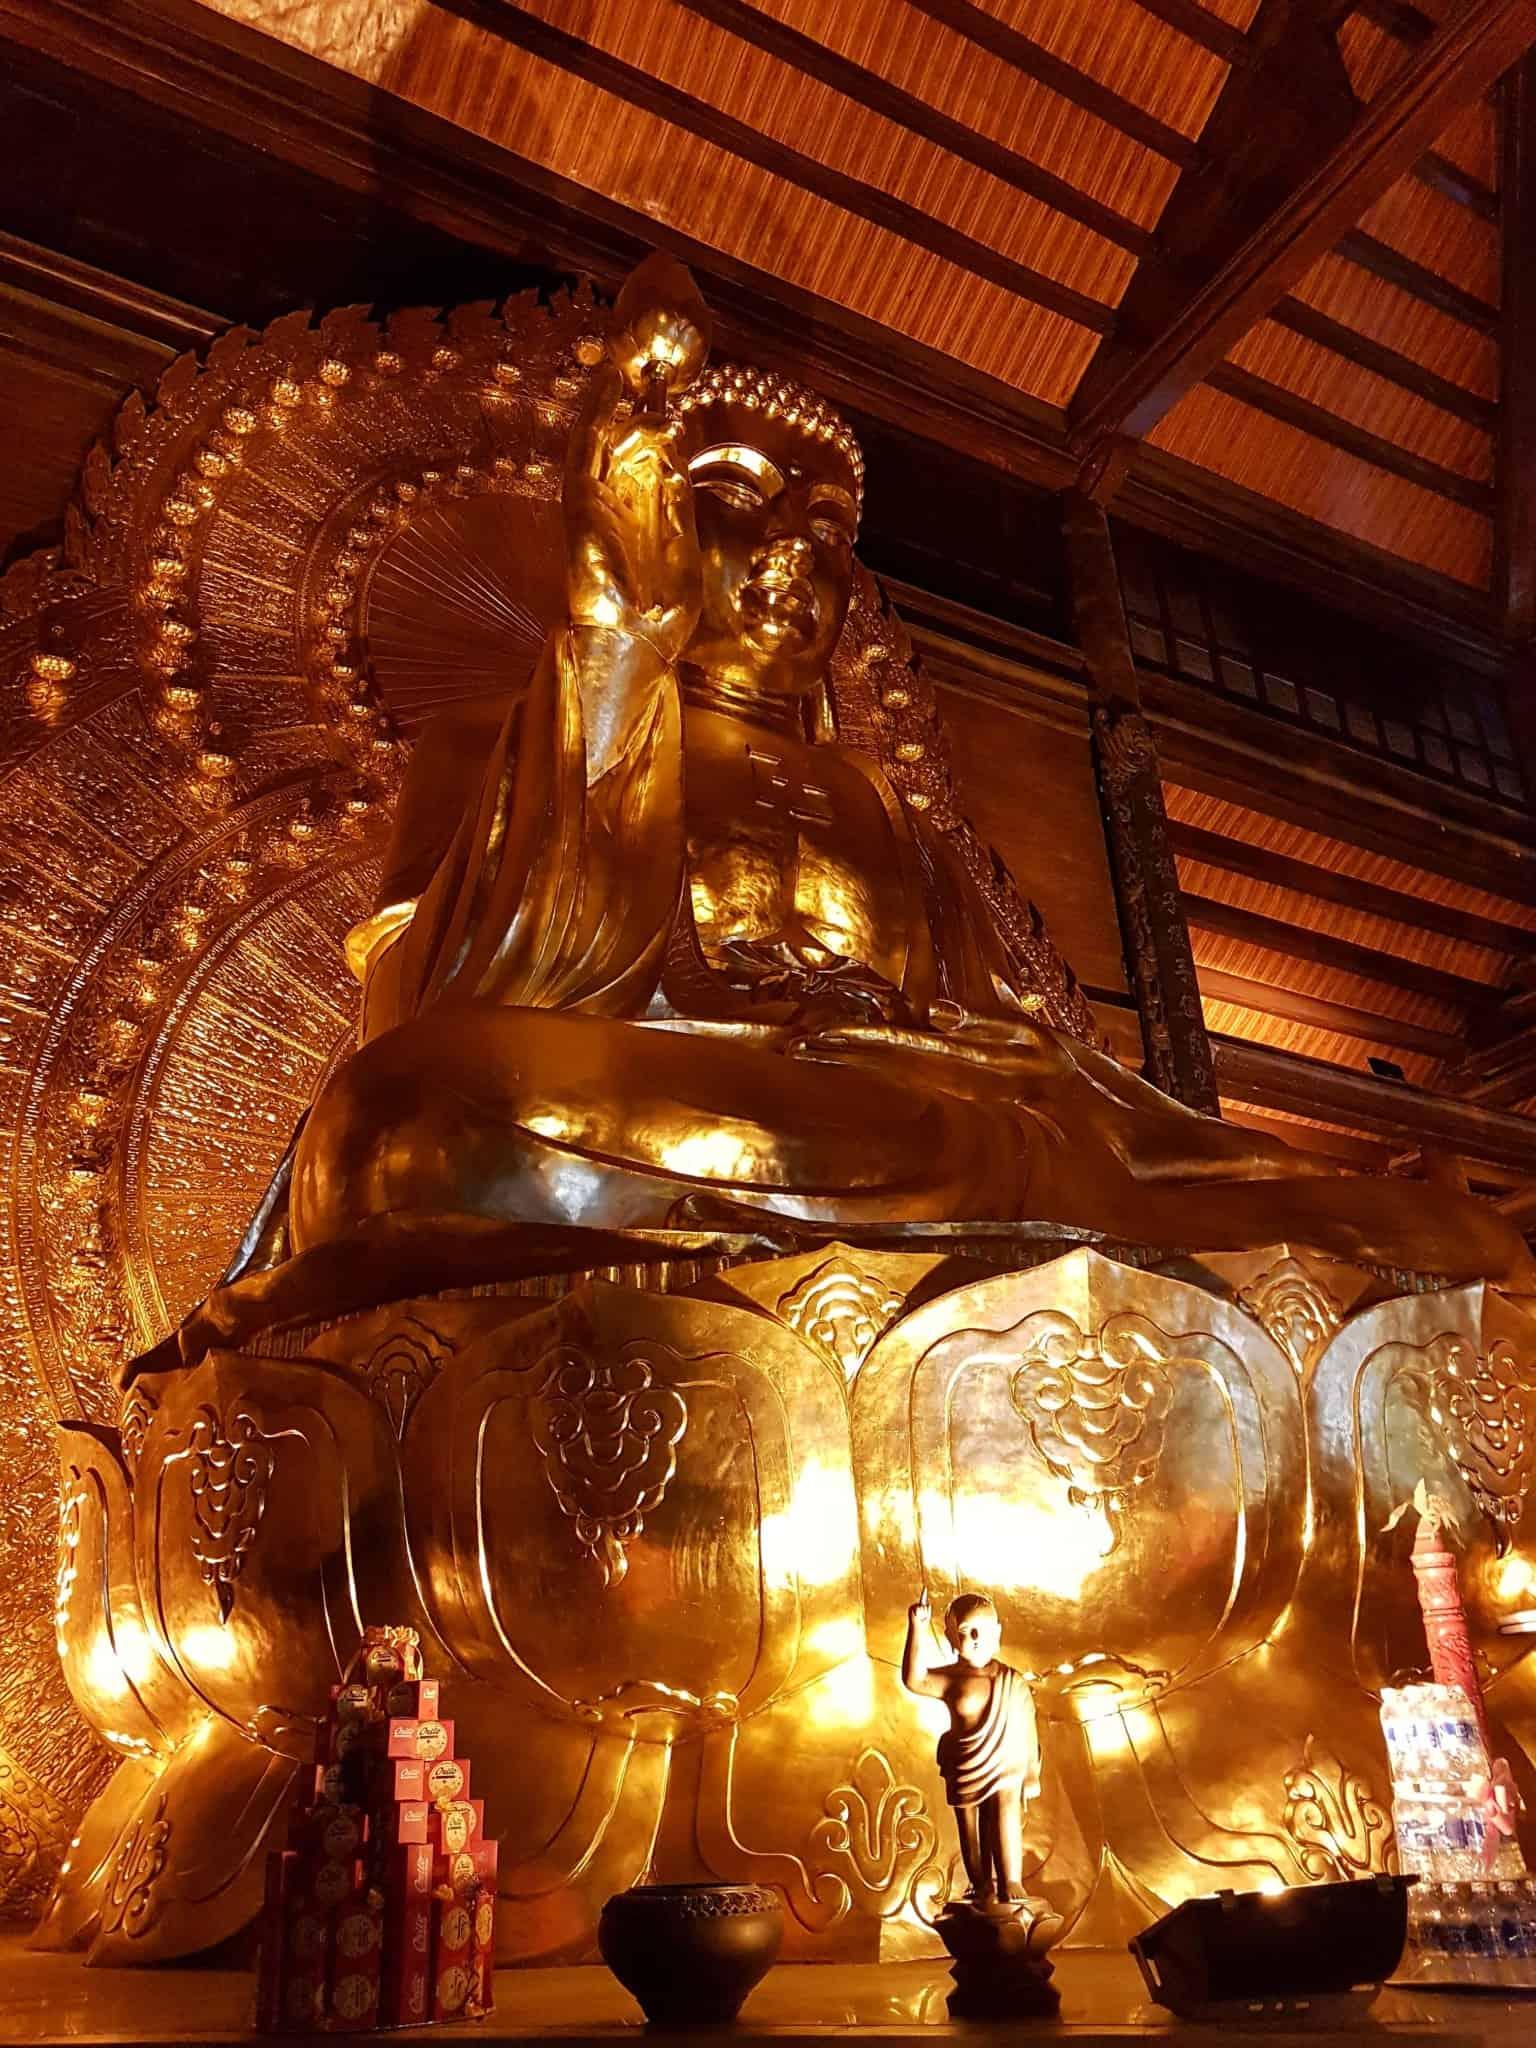 Vietnam, l'incontournable temple de Bai Dinh aux 500 statues 🛕 25